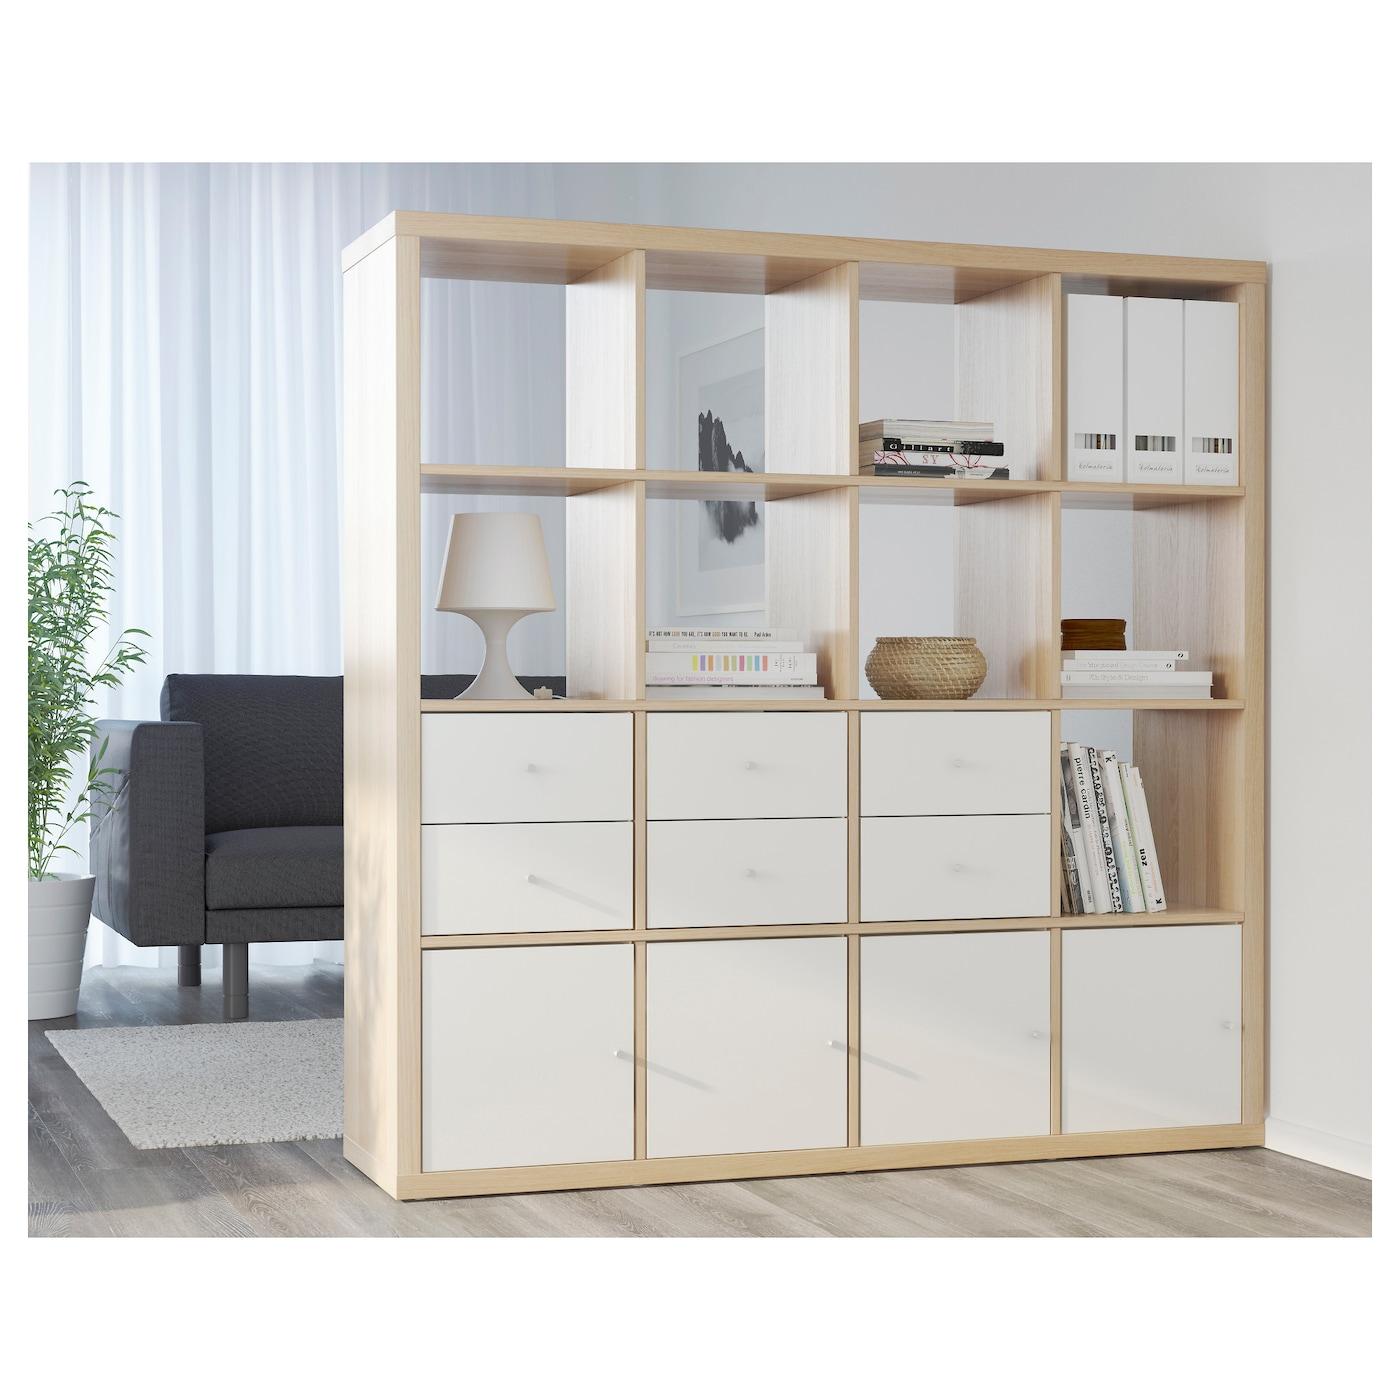 Ikea Kallax Salle De Bain ~ kallax bloc porte effet ch ne blanchi 33 x 33 cm ikea